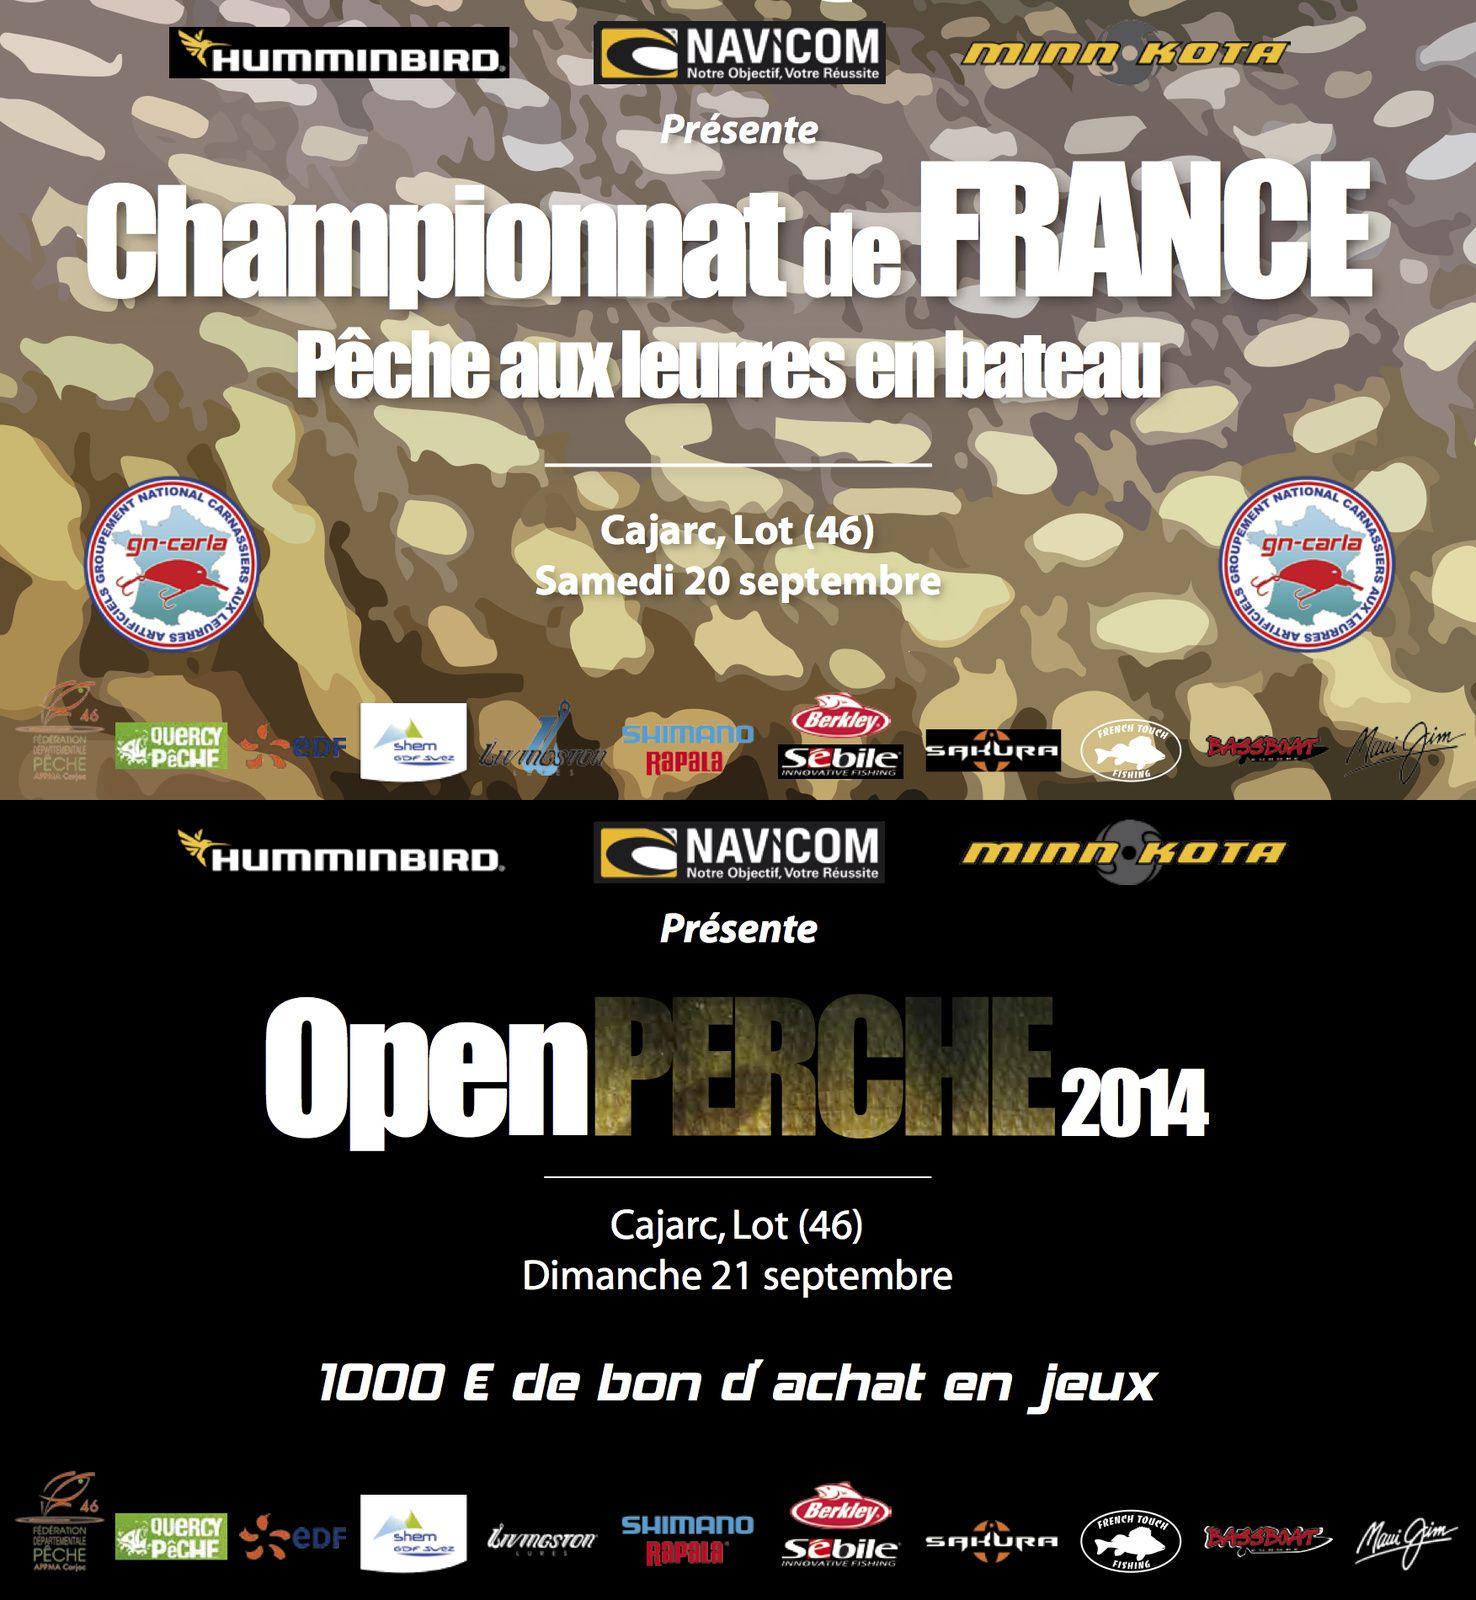 Compet carna à Cajarc les 20/21 Sept Ob_d954ad_les-affiches-2014jpg